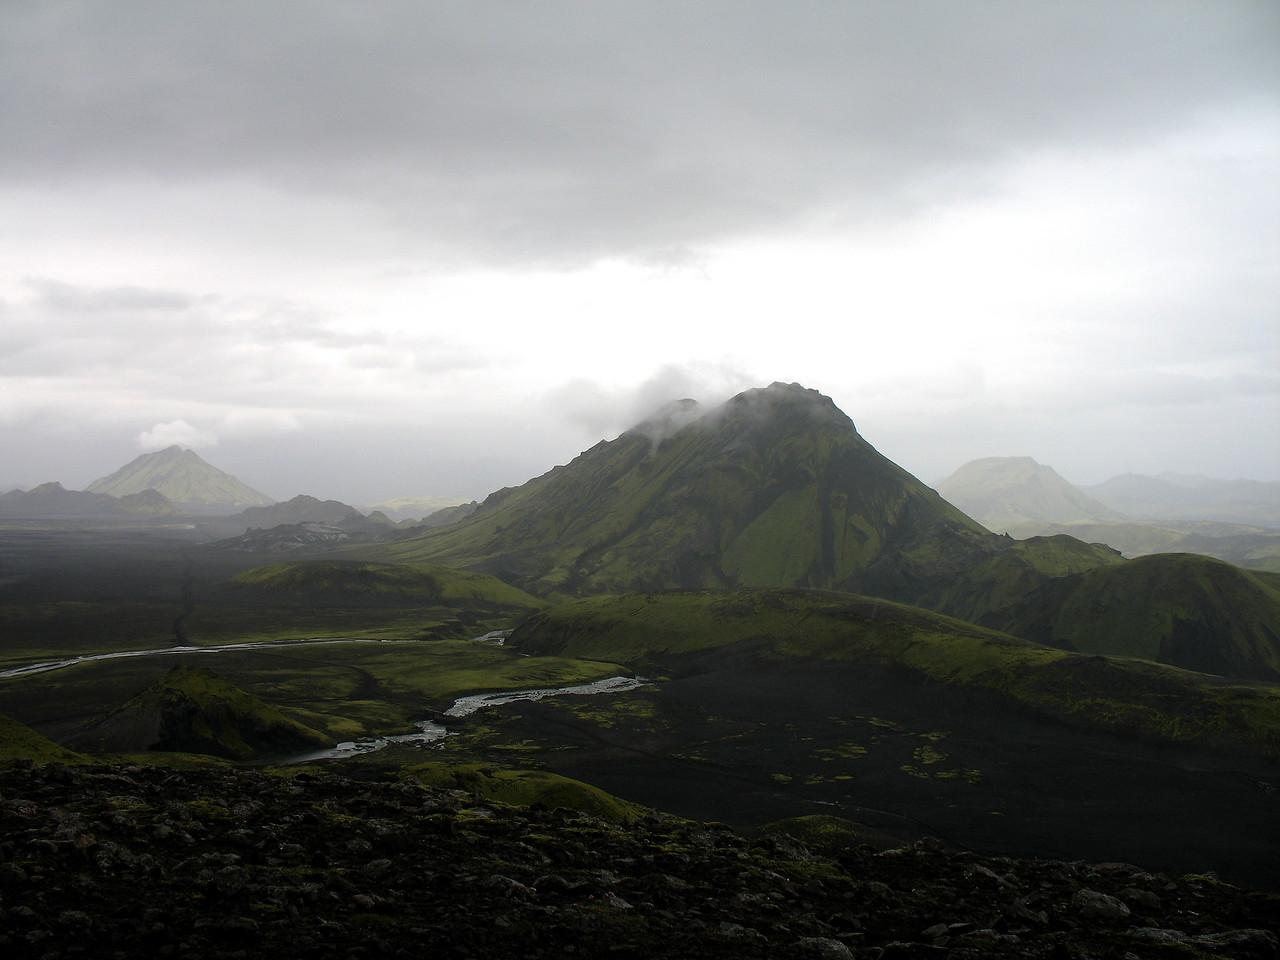 Þessi mynd var tekin ofan af Hvanngilshnausum, hér sést Stóra-Súla næst en fjær eru Hattafell vinstra megin og Stóra-Grænafell hægra megin.